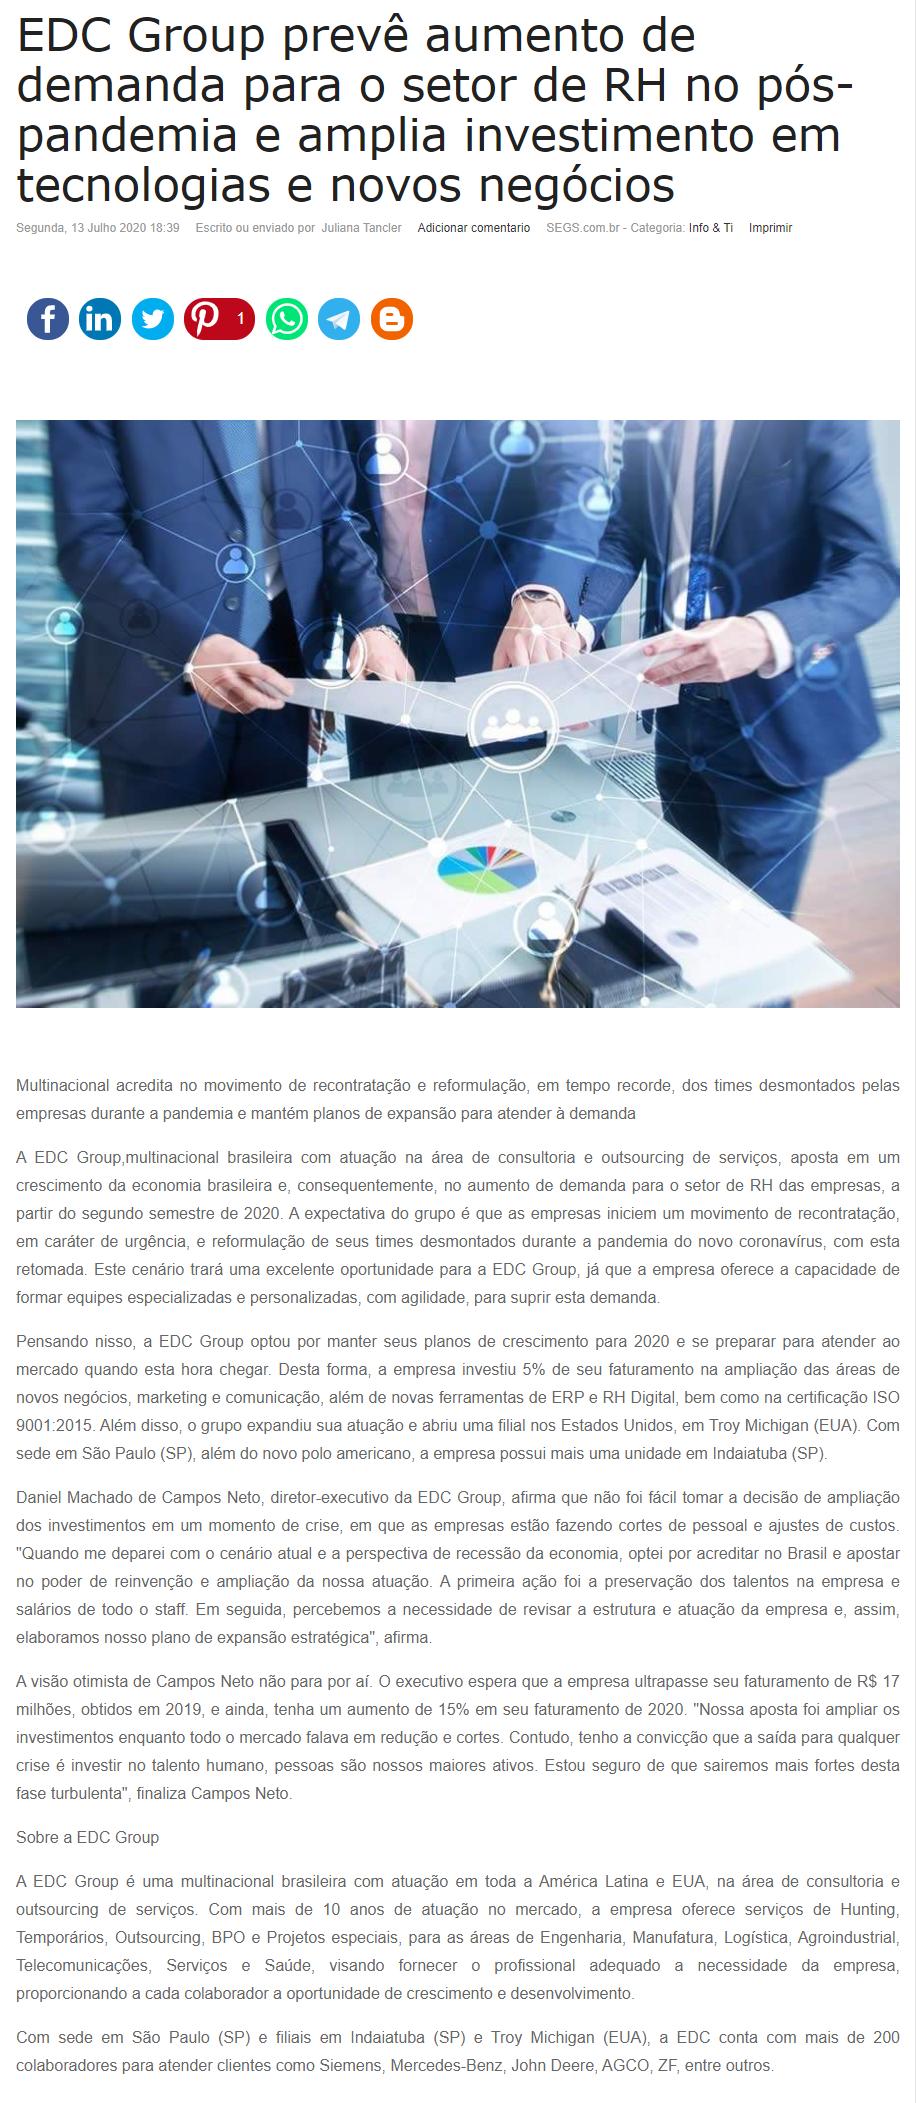 EDC Group prevê aumento de demanda para o setor de RH no pós-pandemia e amplia investimento em tecnologias e novos negócios - Segs